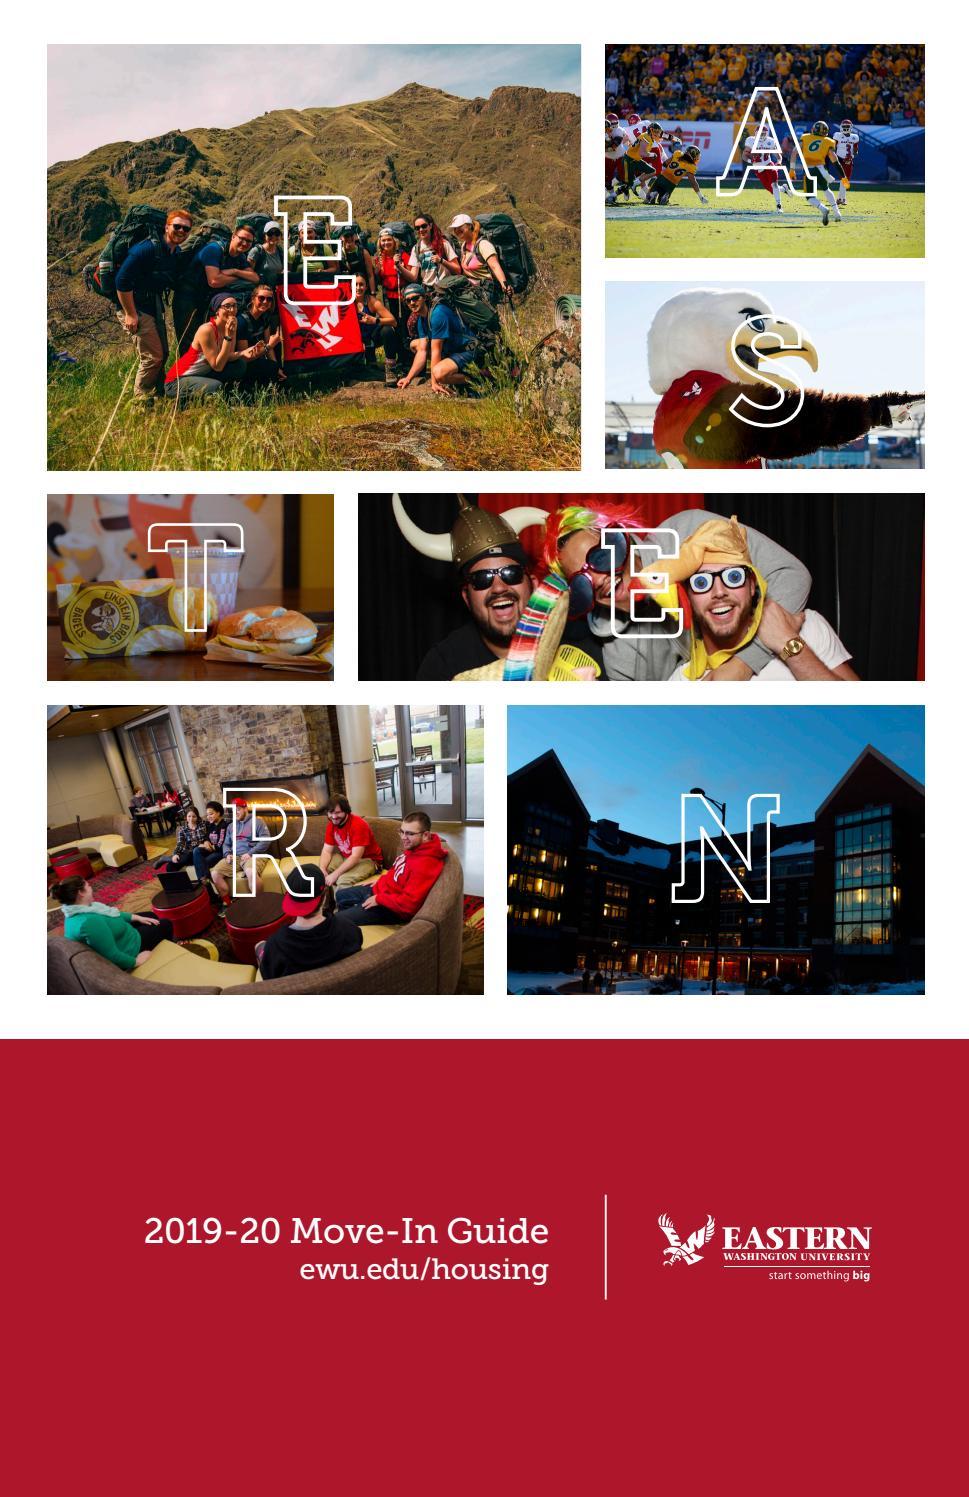 Ewu Christmas Break 2020 2019 2020 EWU Move in Guide by Eastern Washington University   issuu